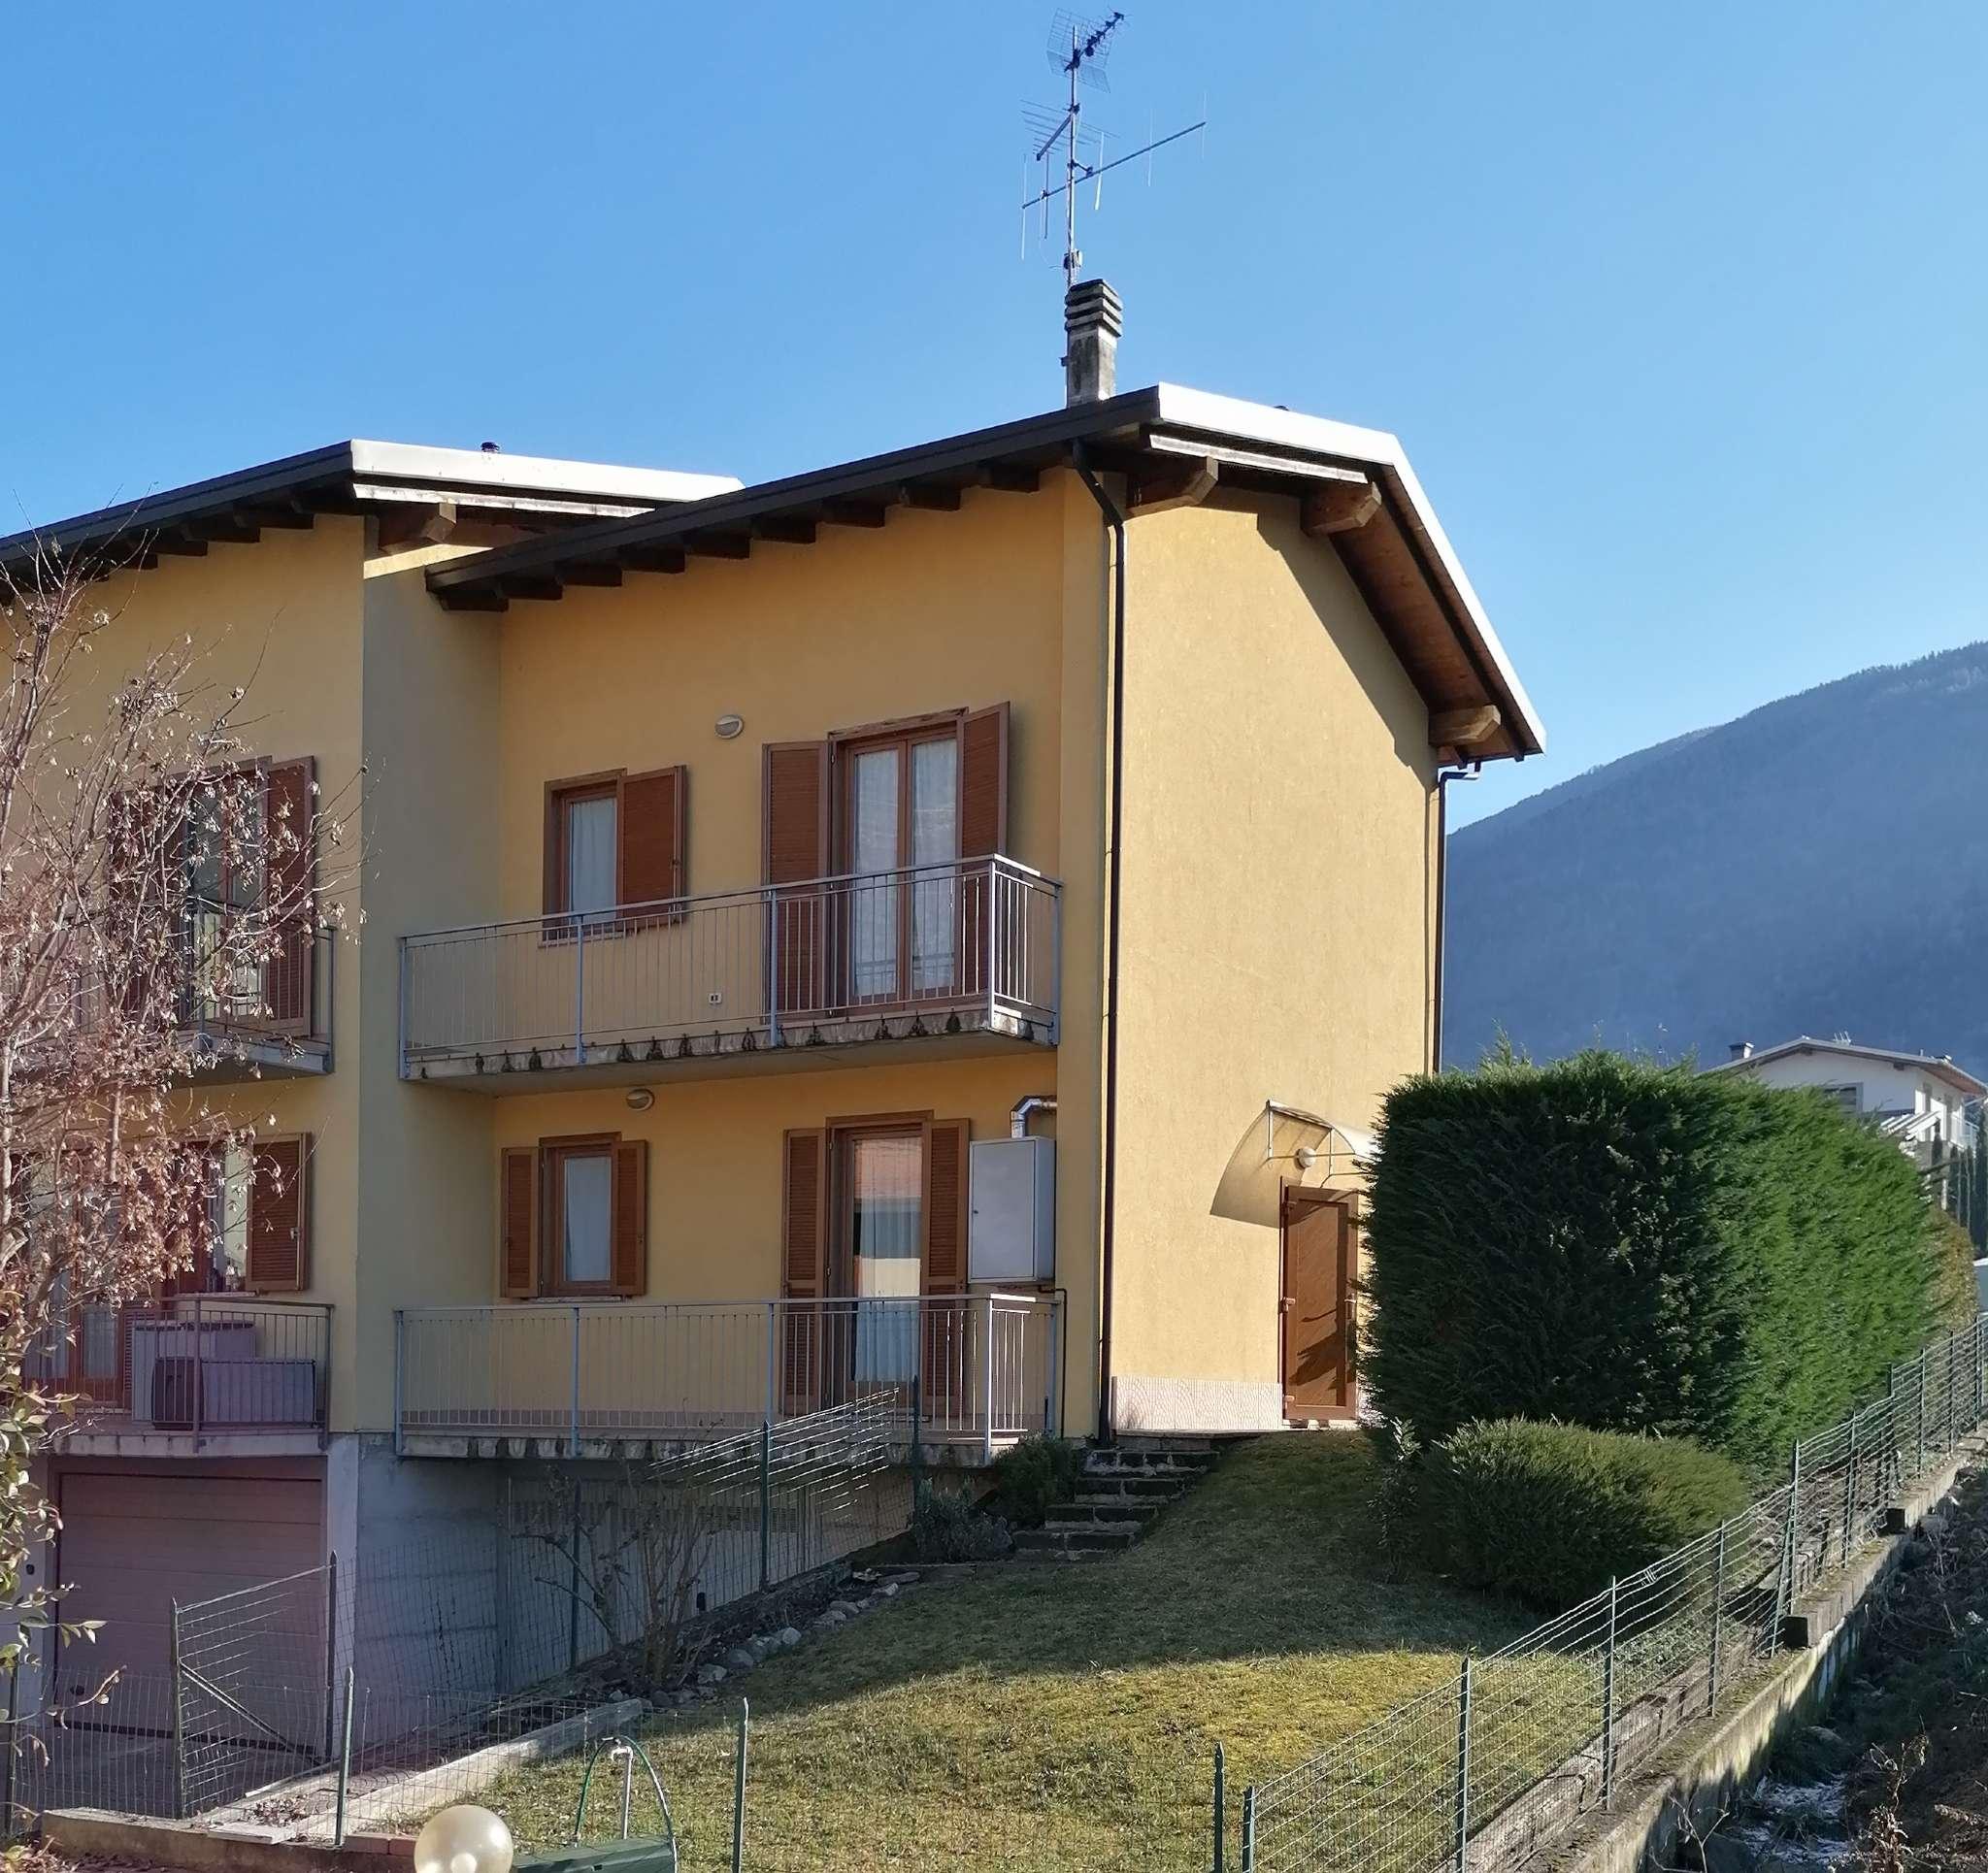 Villa Bifamiliare in vendita a Albosaggia, 3 locali, prezzo € 189.000 | CambioCasa.it